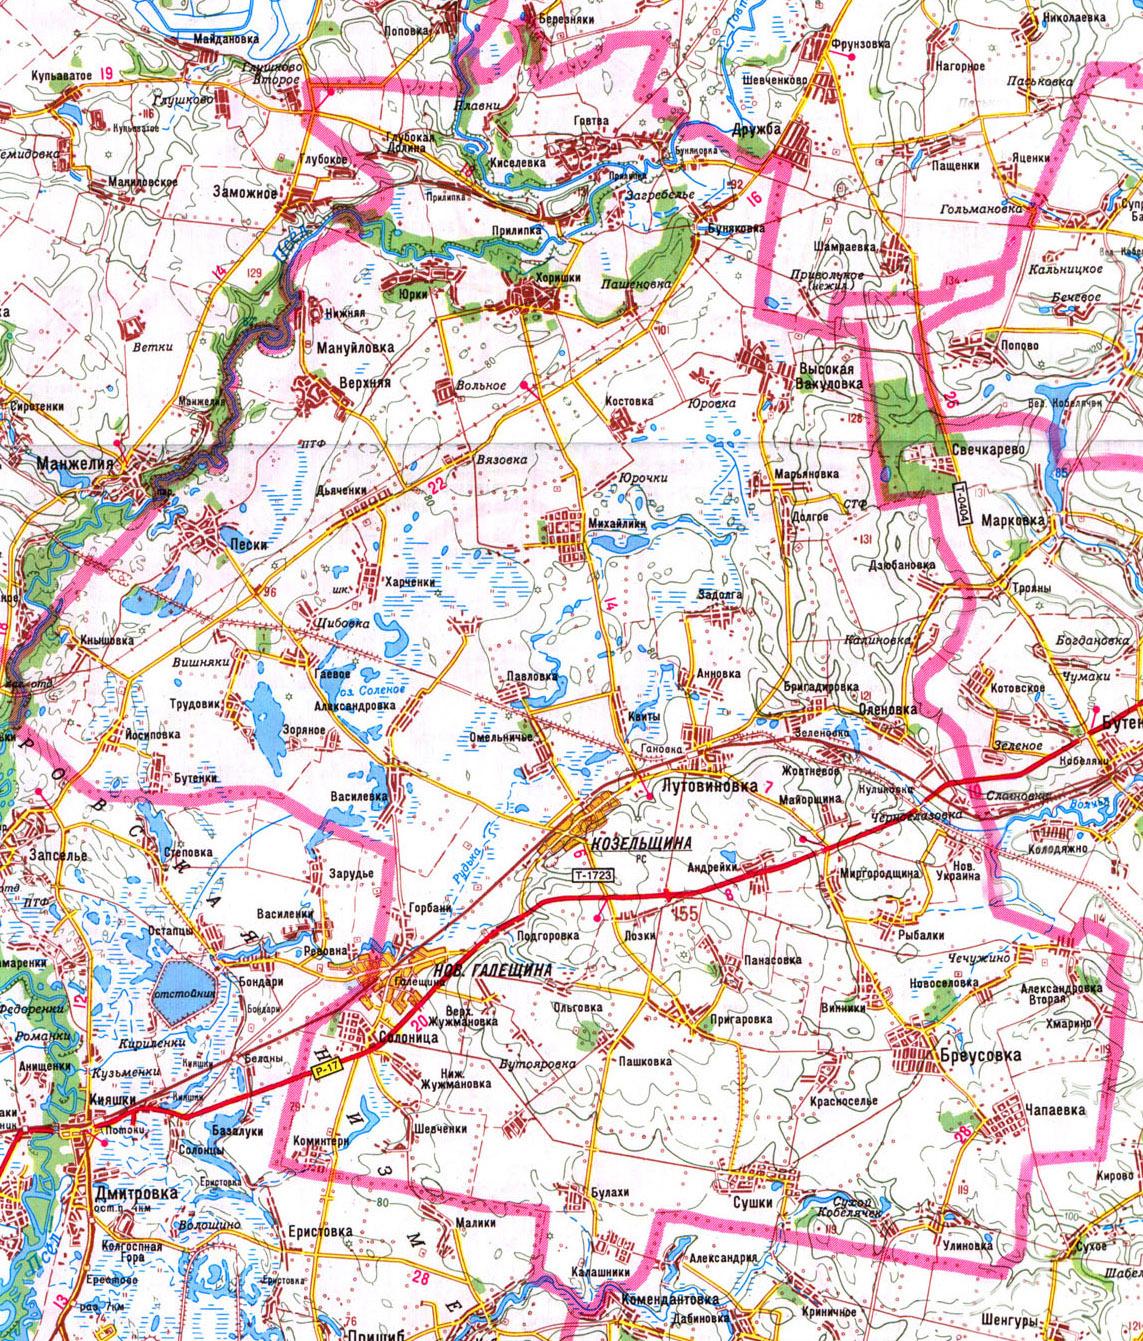 Подробная карта Козельщинского района